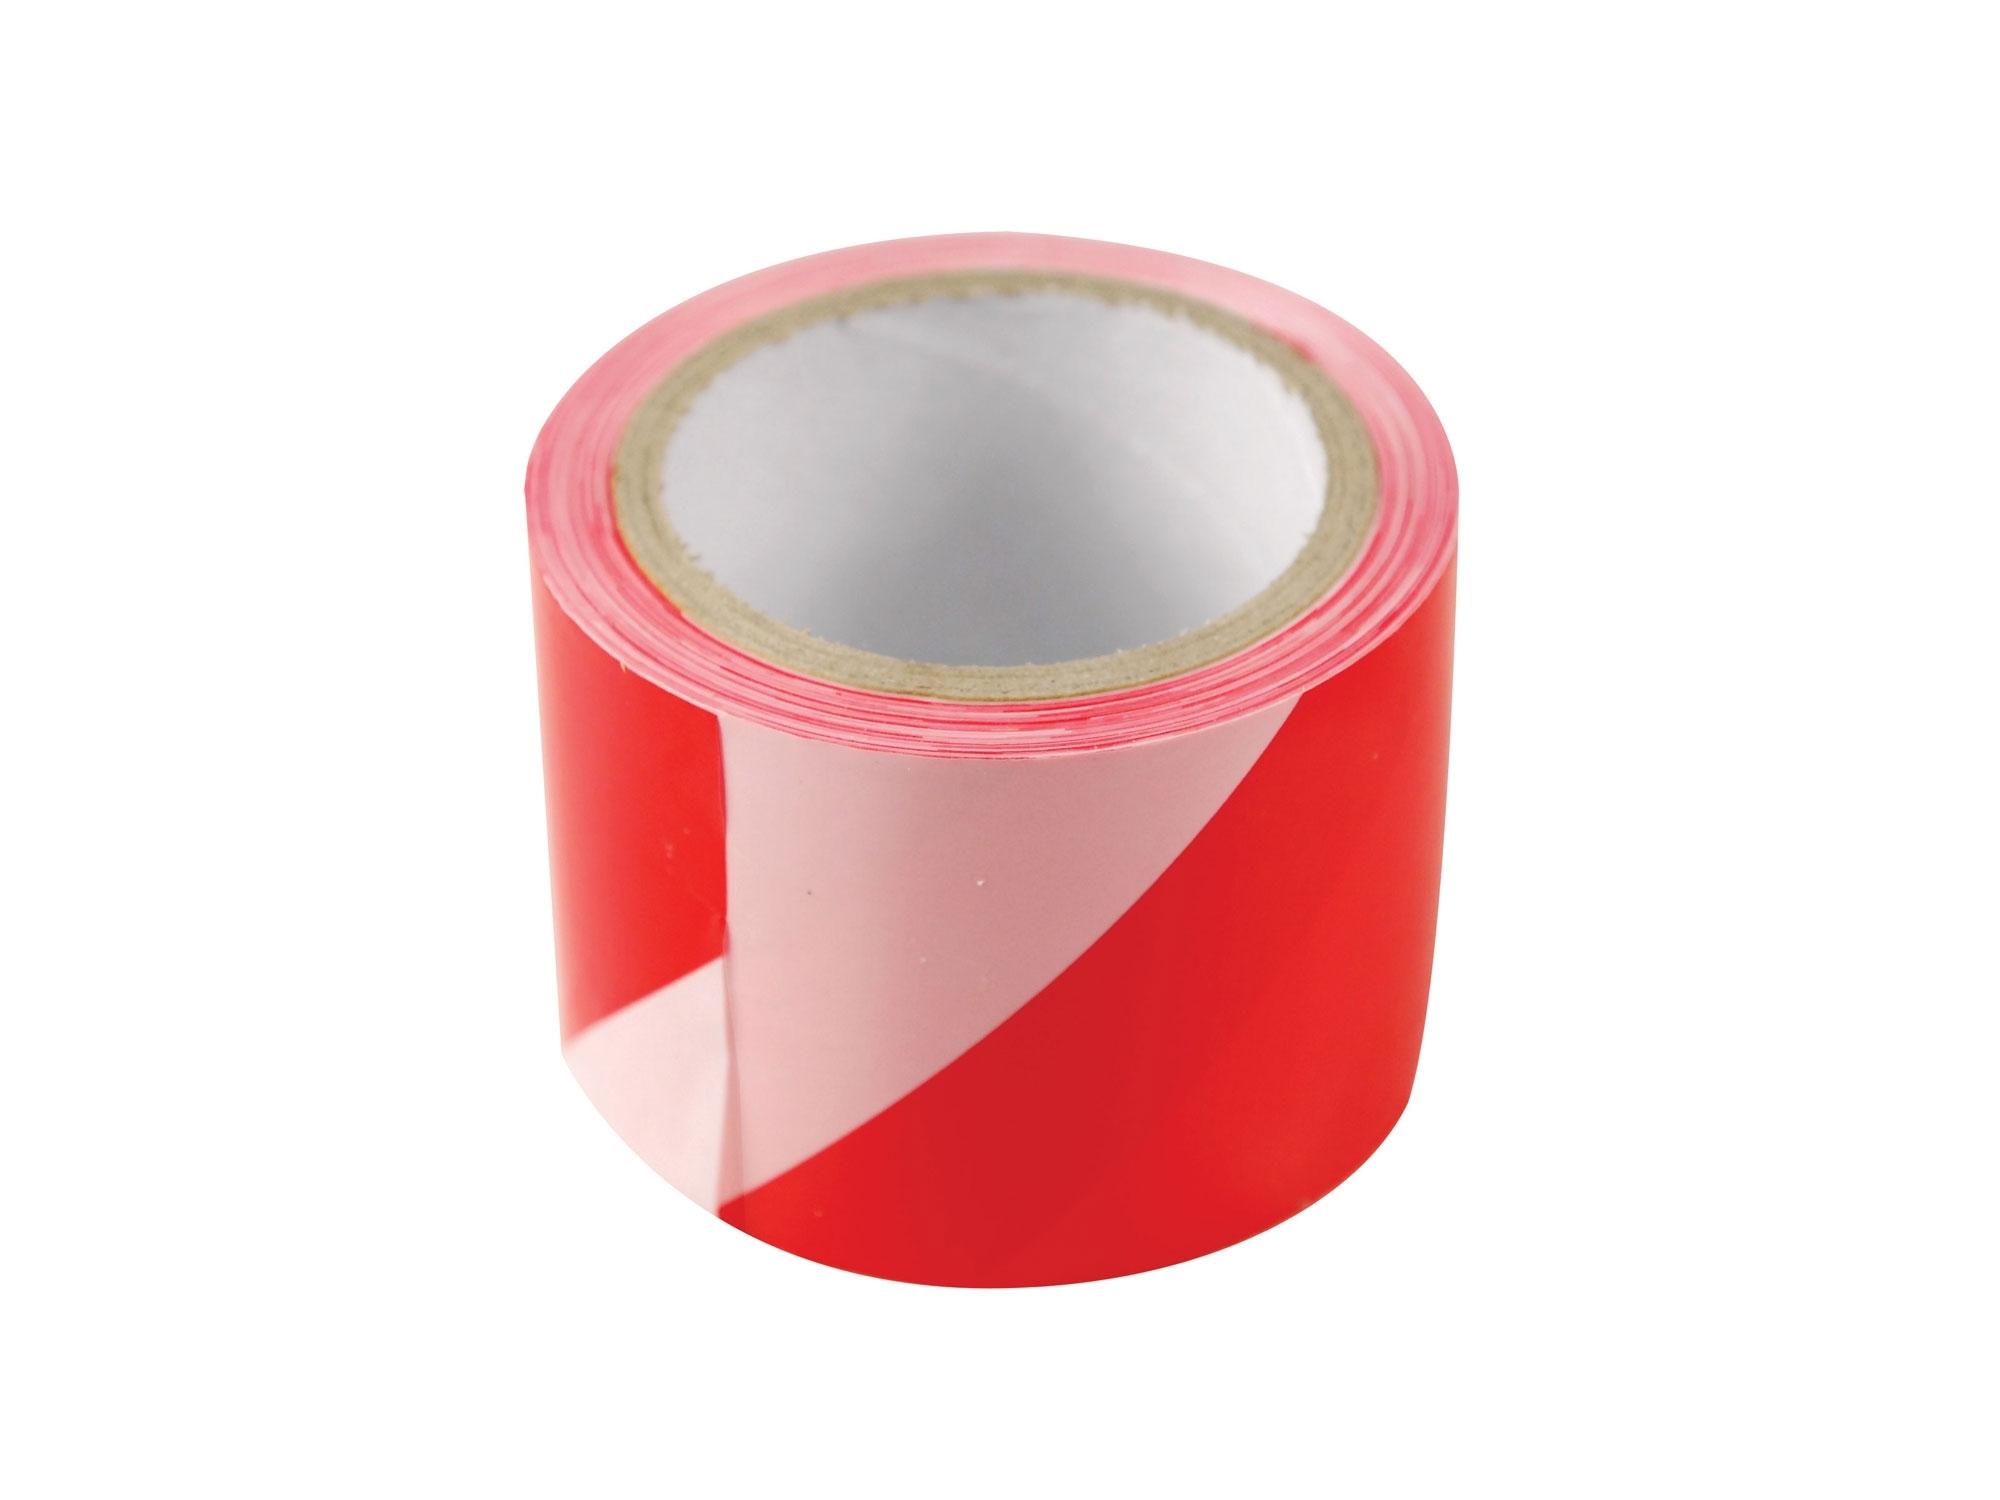 páska výstražná červeno-bílá, 75mm x 250m, PE, EXTOL CRAFT 9566